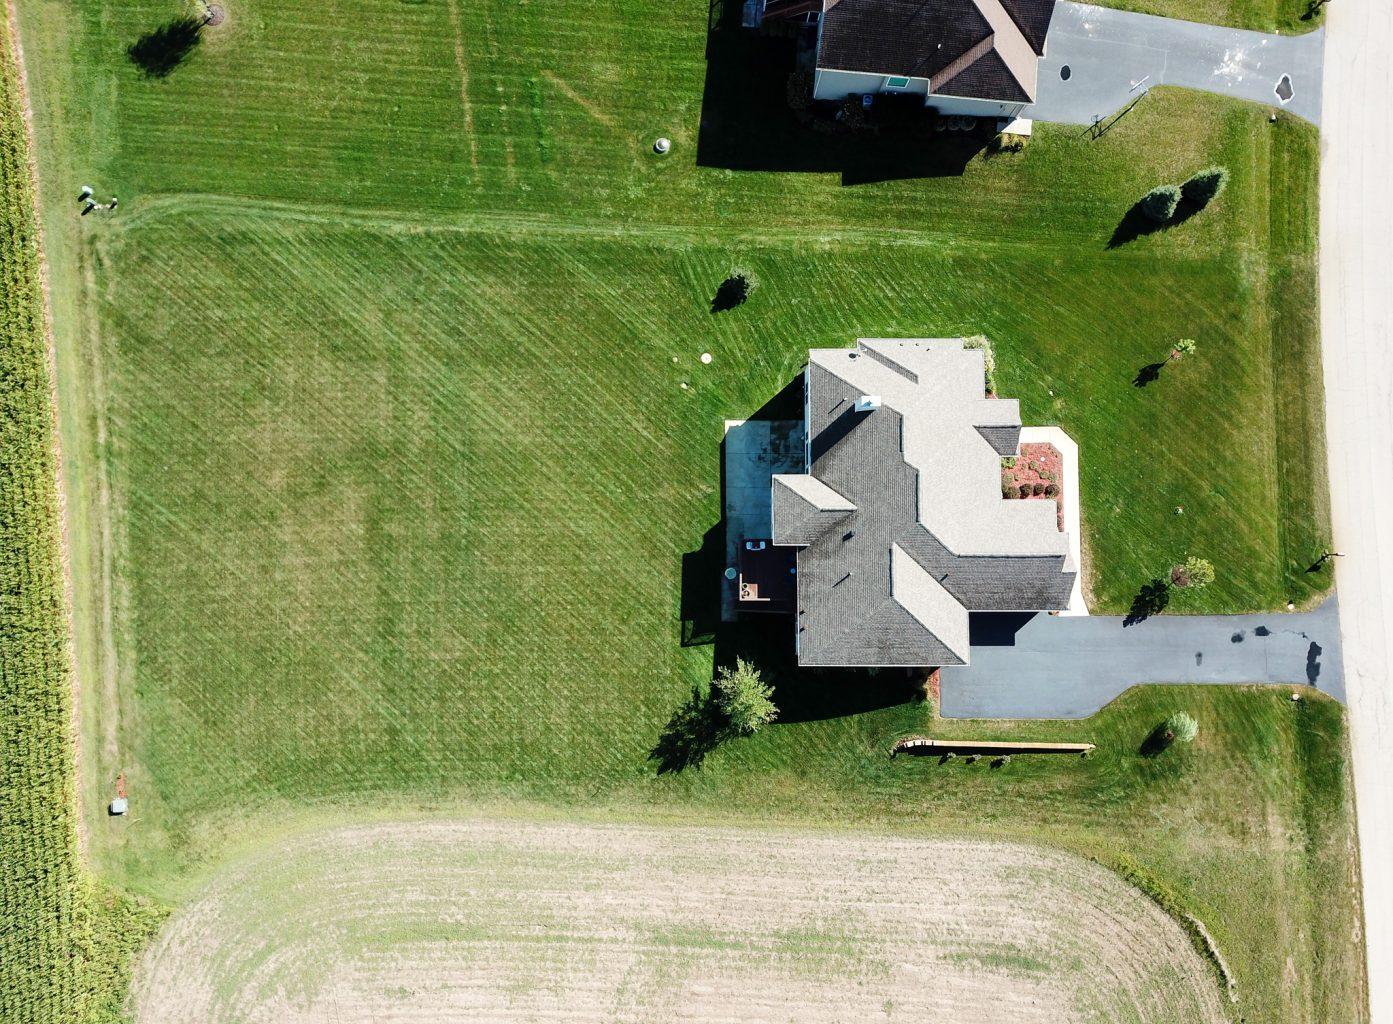 2760 newbury lane drone aerial view